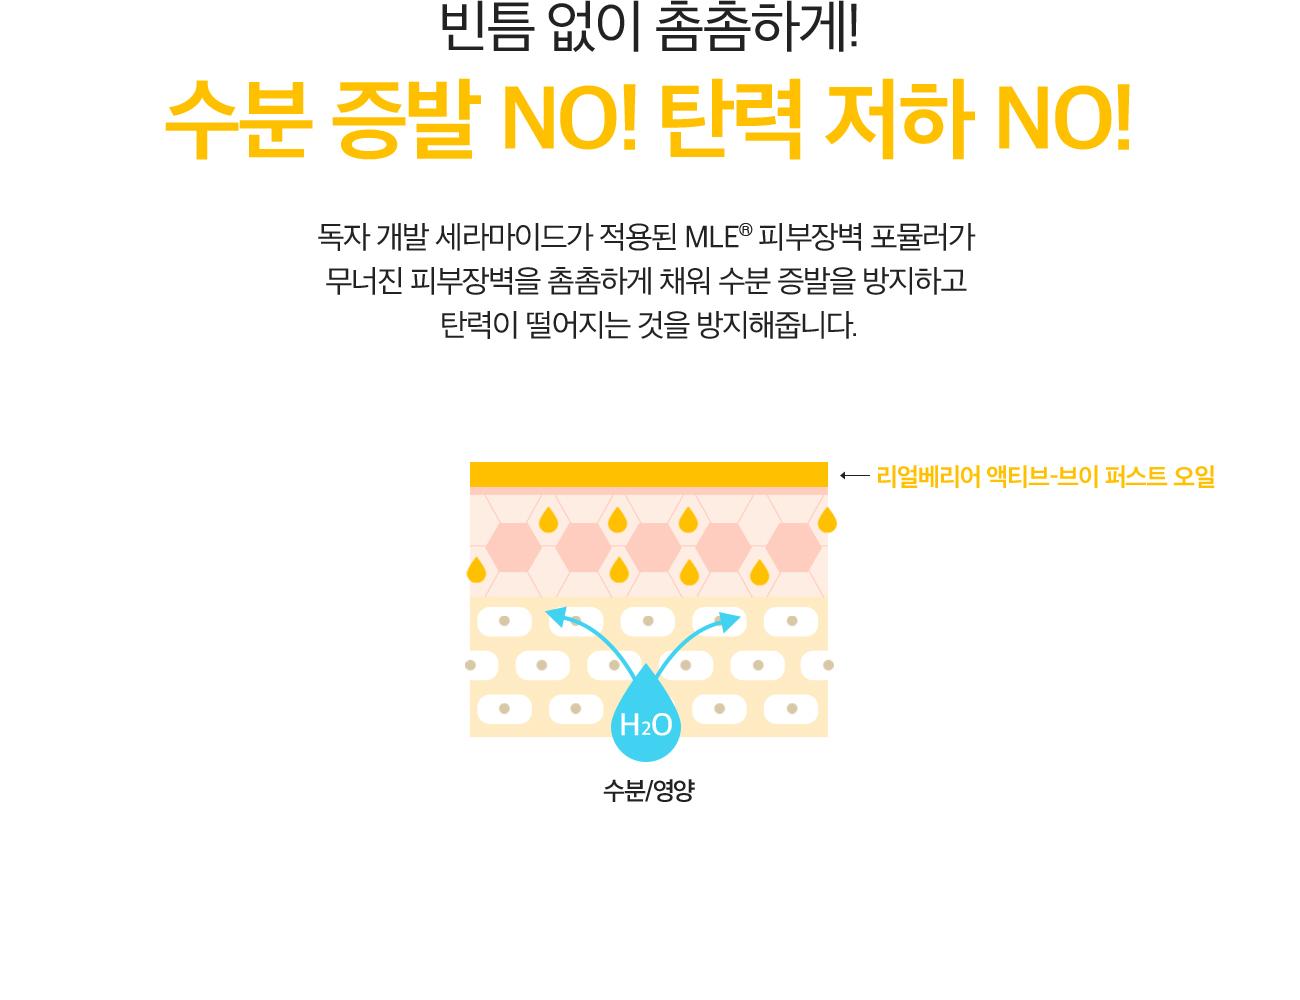 빈틈 없이 촘촘하게! 수분 증발 NO! 탄력 저하 NO! 독자 개발 세라마이드가 적용된 MLE® 피부장벽 포뮬러가 무너진 피부장벽을 촘촘하게 채워 수분 증발을 방지하고 탄력이 떨어지는 것을 방지해줍니다.